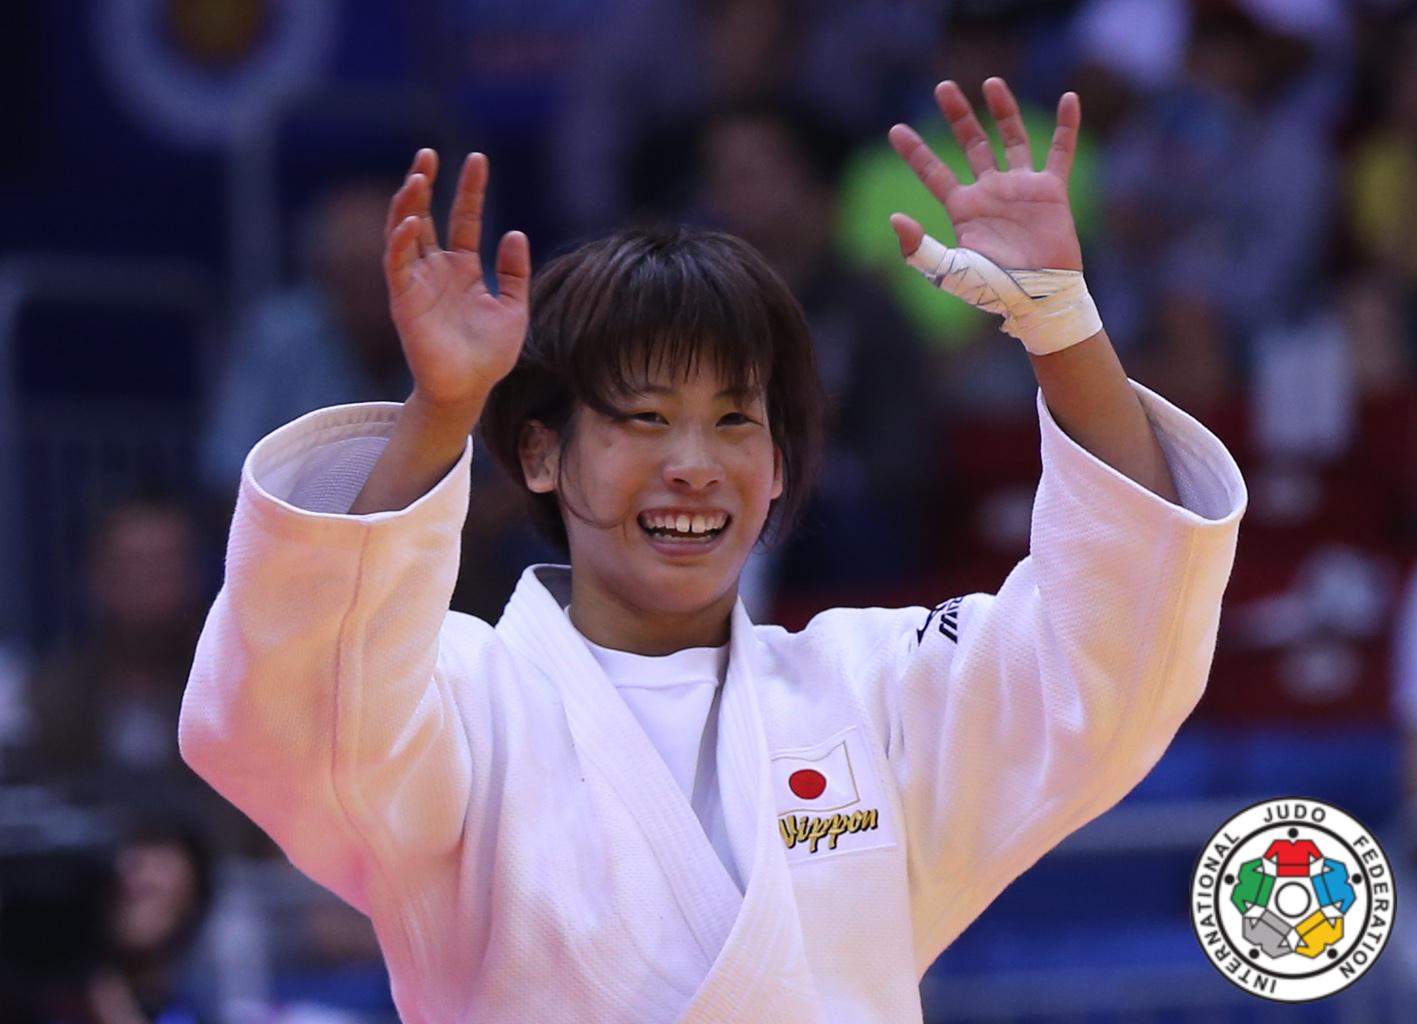 Ami Kondo dice adiós a la competición